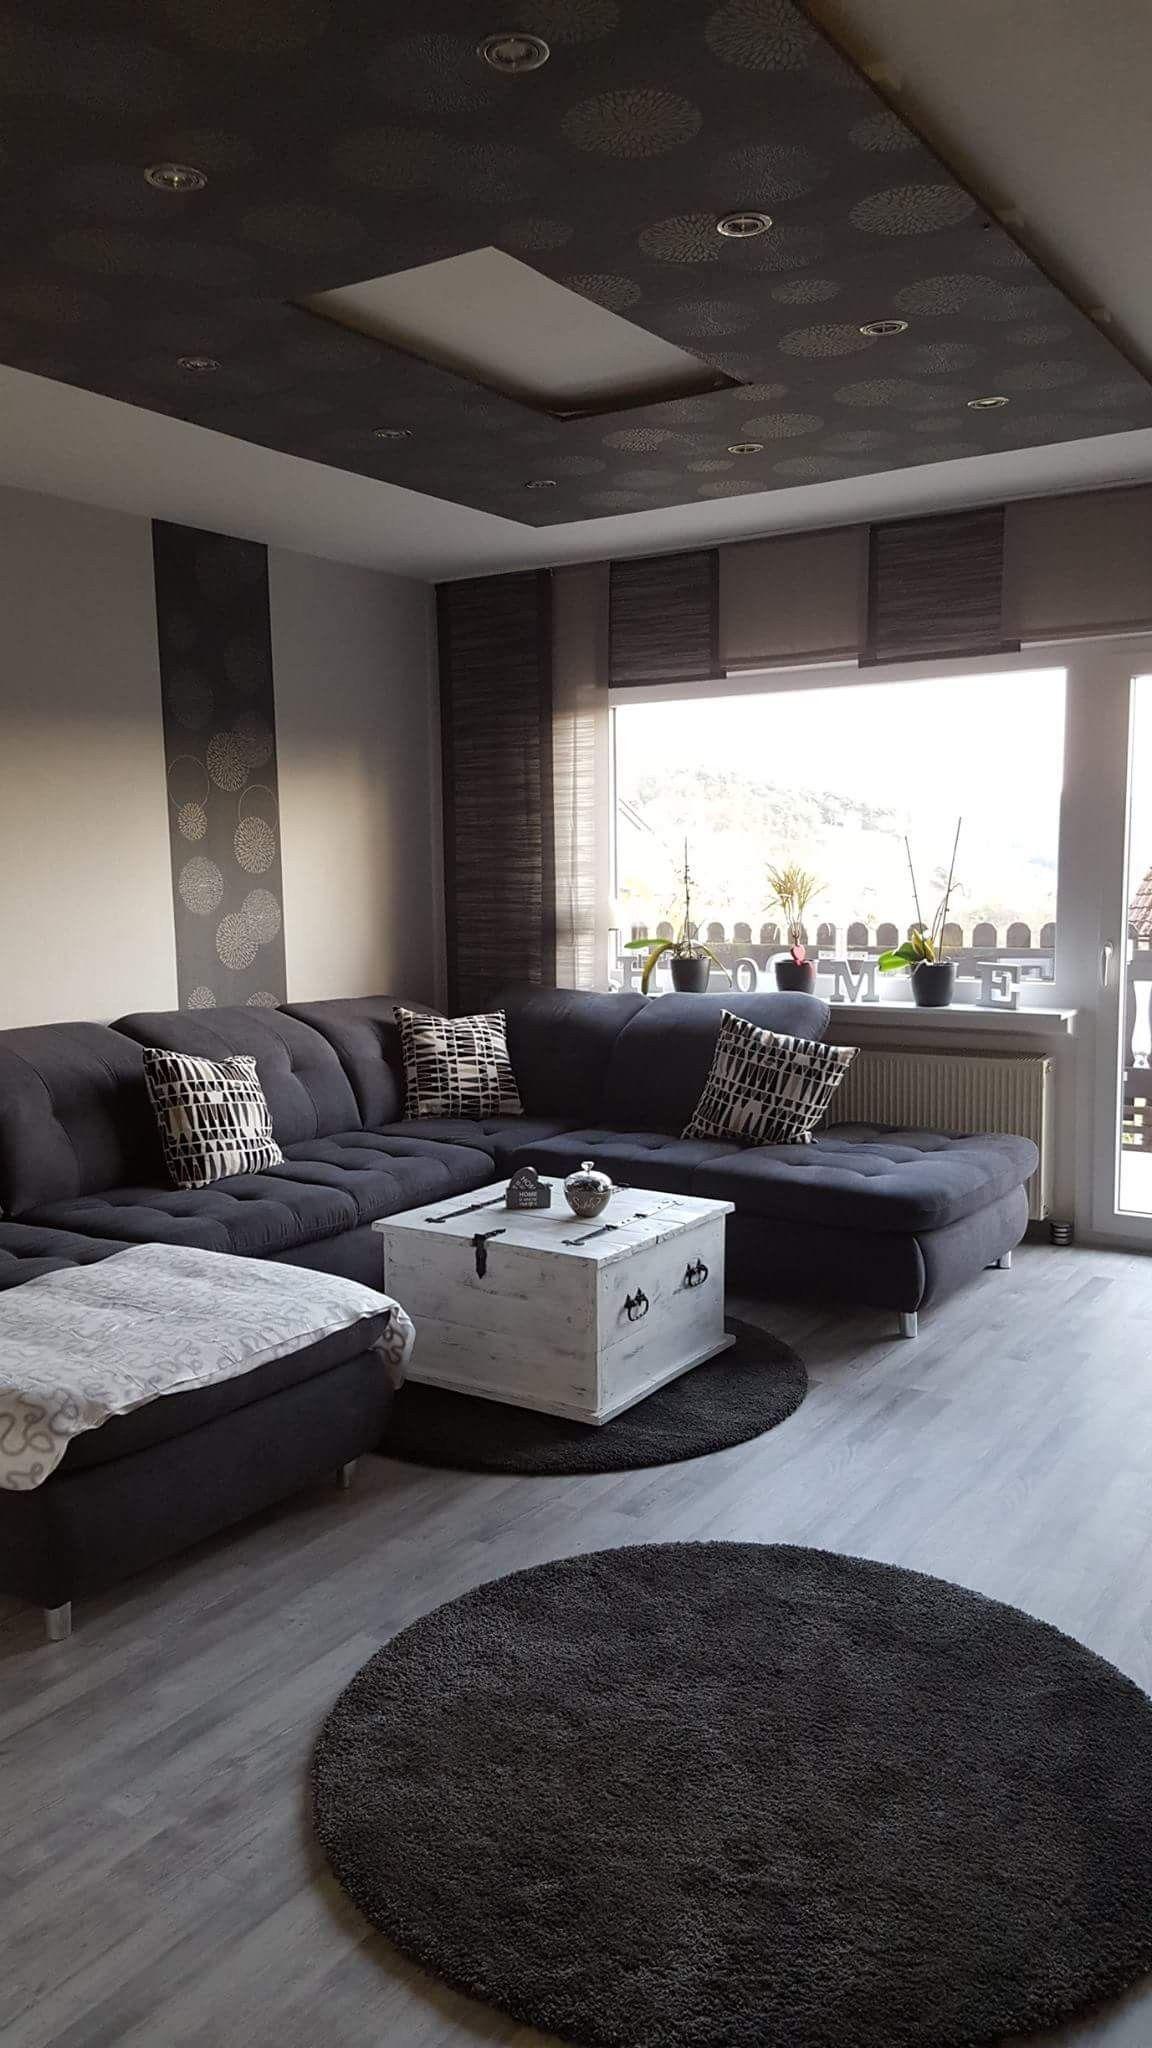 Verfuhrerisch Wohnzimmer In Grau Einrichten Beige Ideen Schwarz